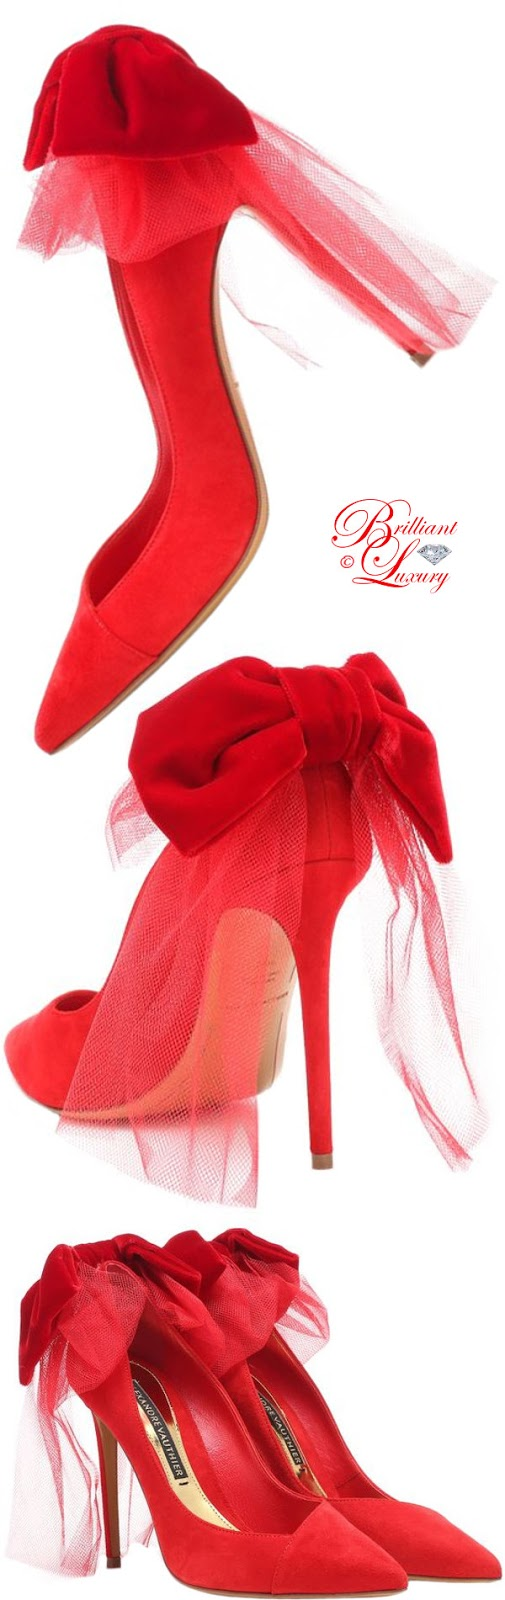 Brilliant Luxury ♦ PANTONE Fashion Color SS 2019 ~ Fiesta ♦ Alexandre Vauthier Vivian bow suede pumps #red